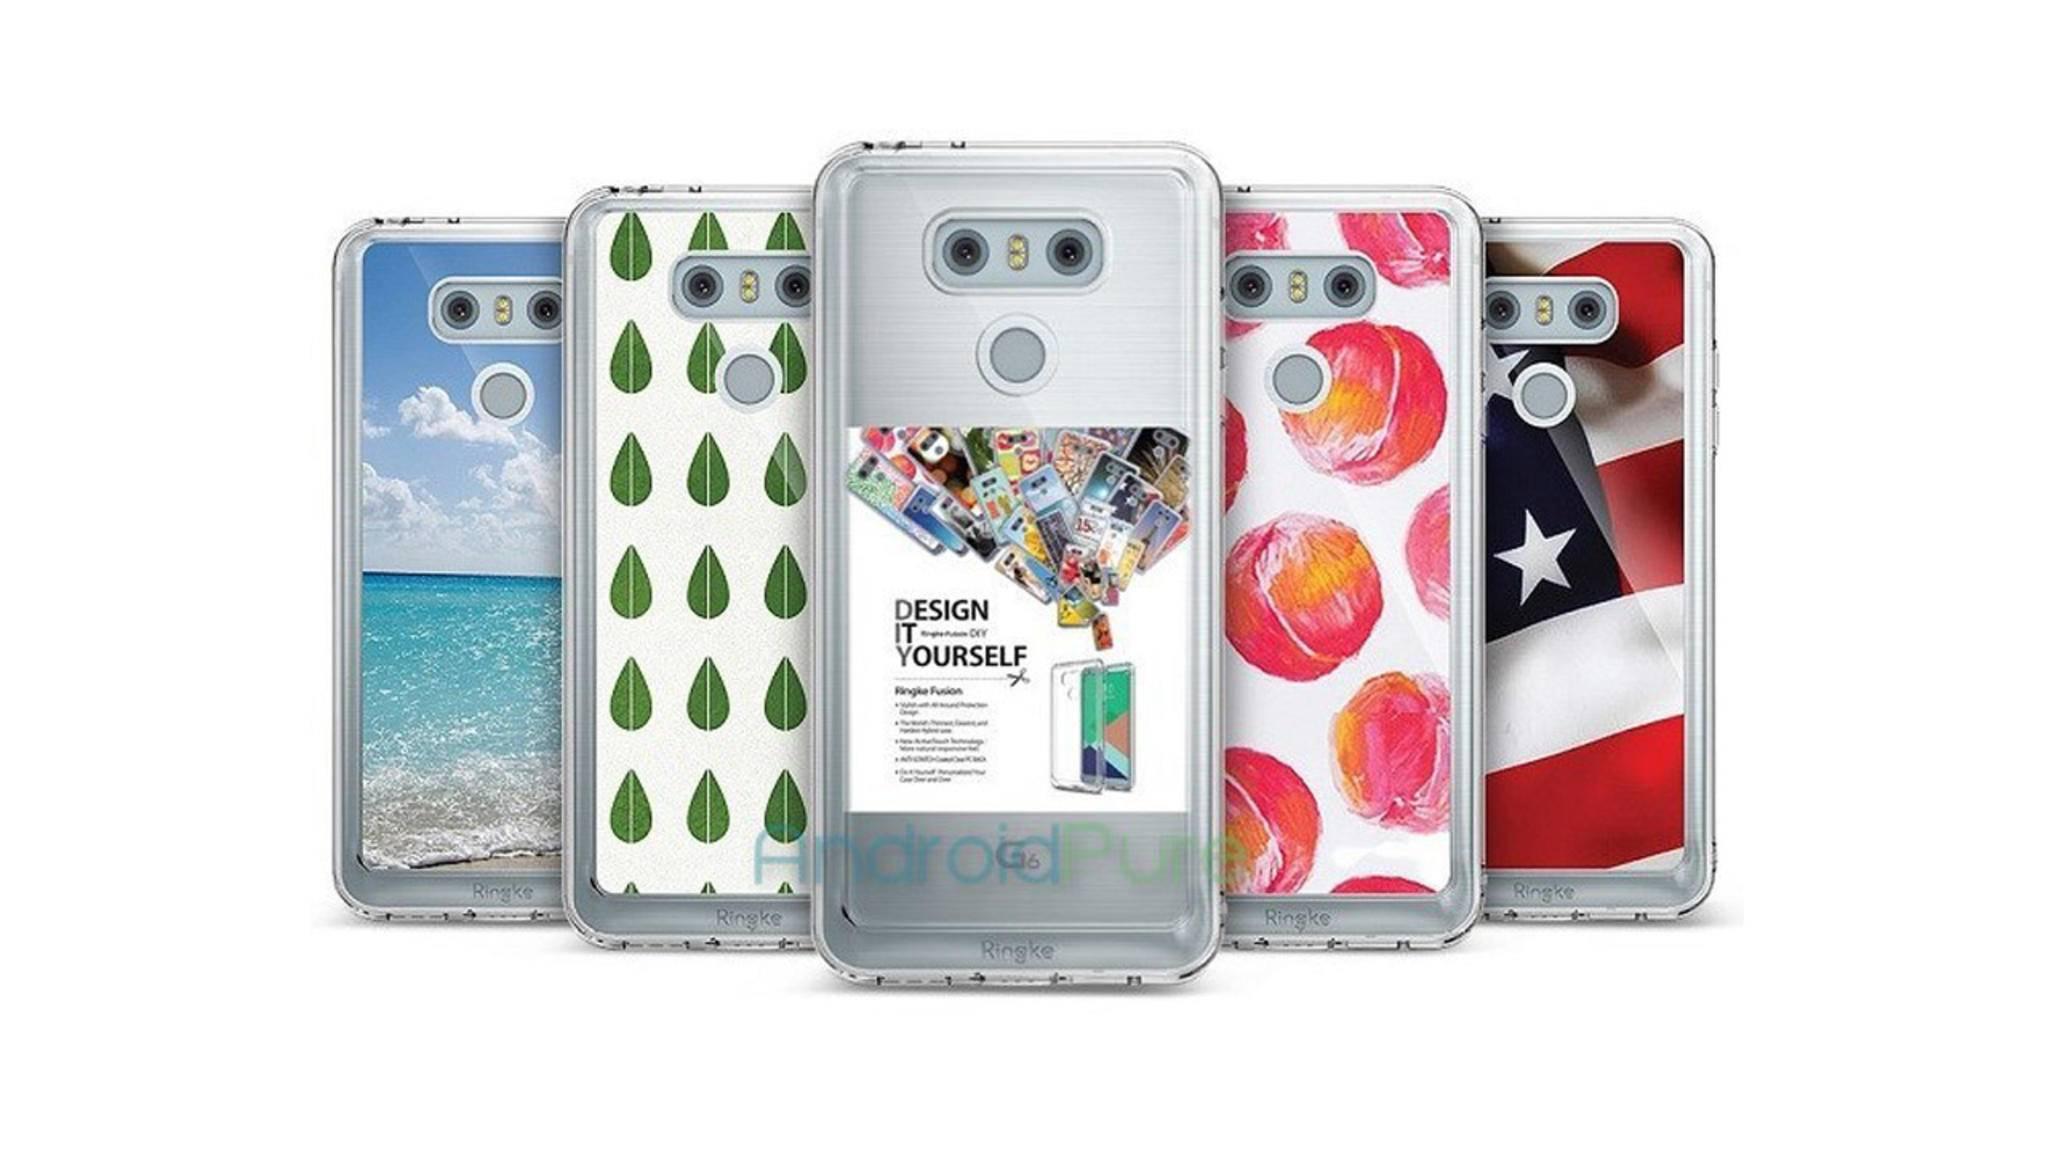 Das LG G6 soll dank hochwertigem D/A-Wandler erstklassigen Sound liefern.